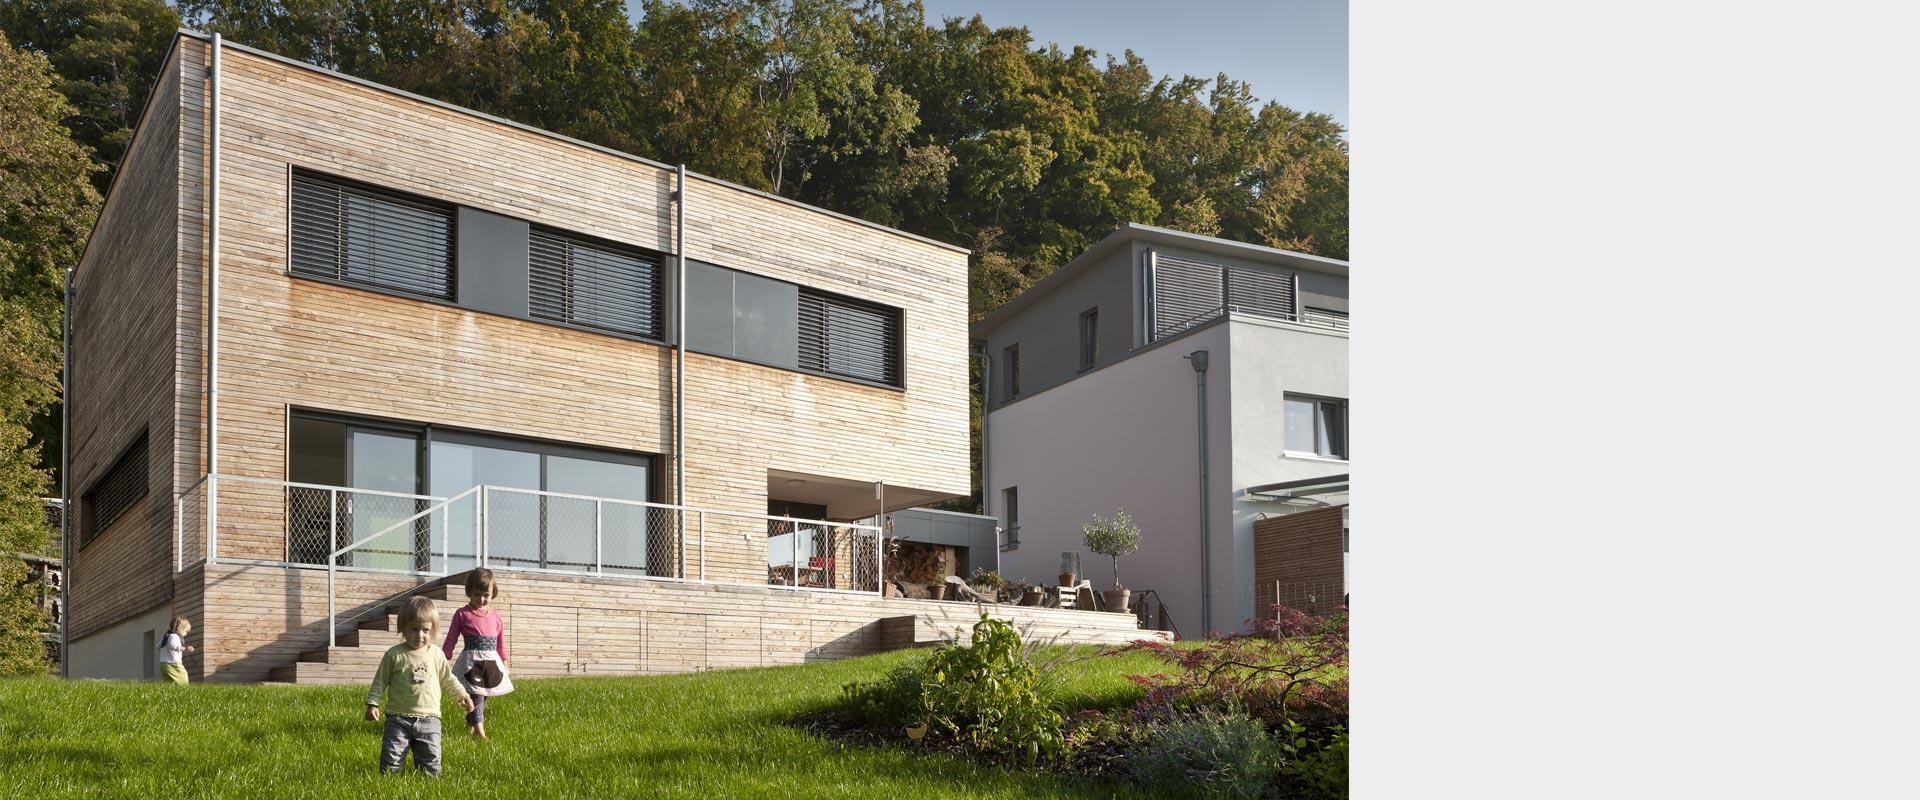 Architekturbüro Henning Musahl Waldshut Wohnhaus S. Waldshut